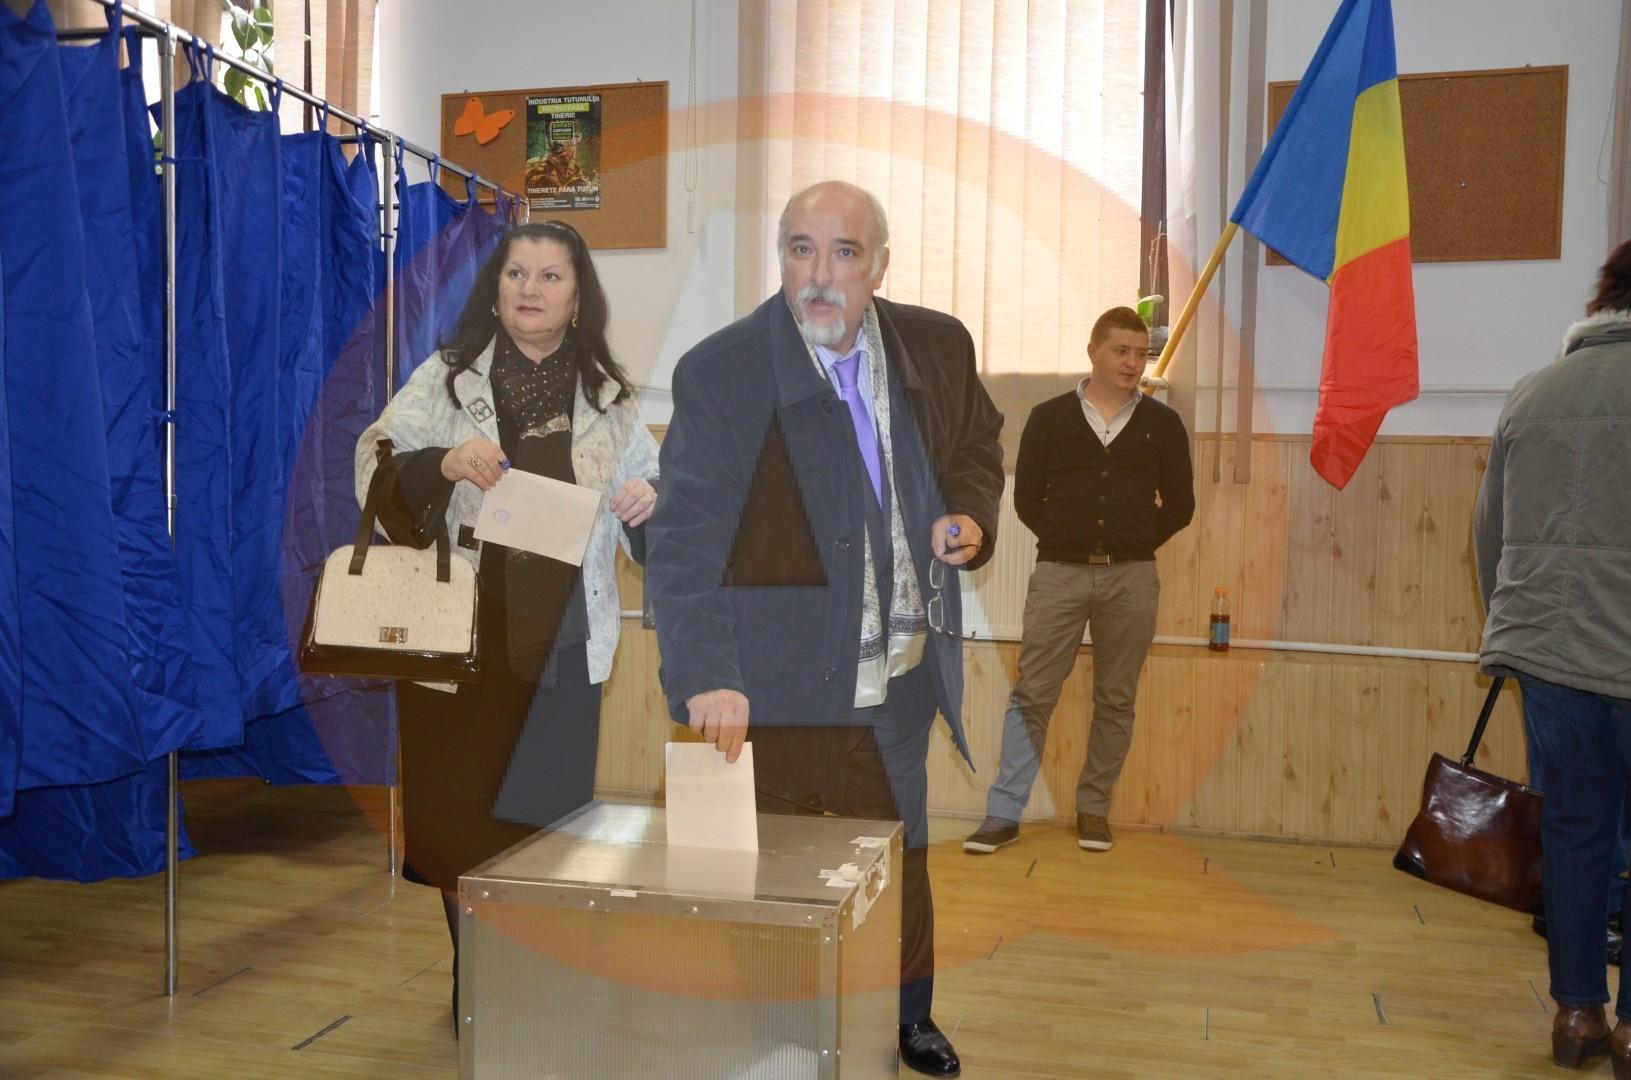 """Răducu Filipescu: """"Am votat pentru simplul fapt că toţi românii, oriunde ar fi ei, au dreptul să voteze!"""""""